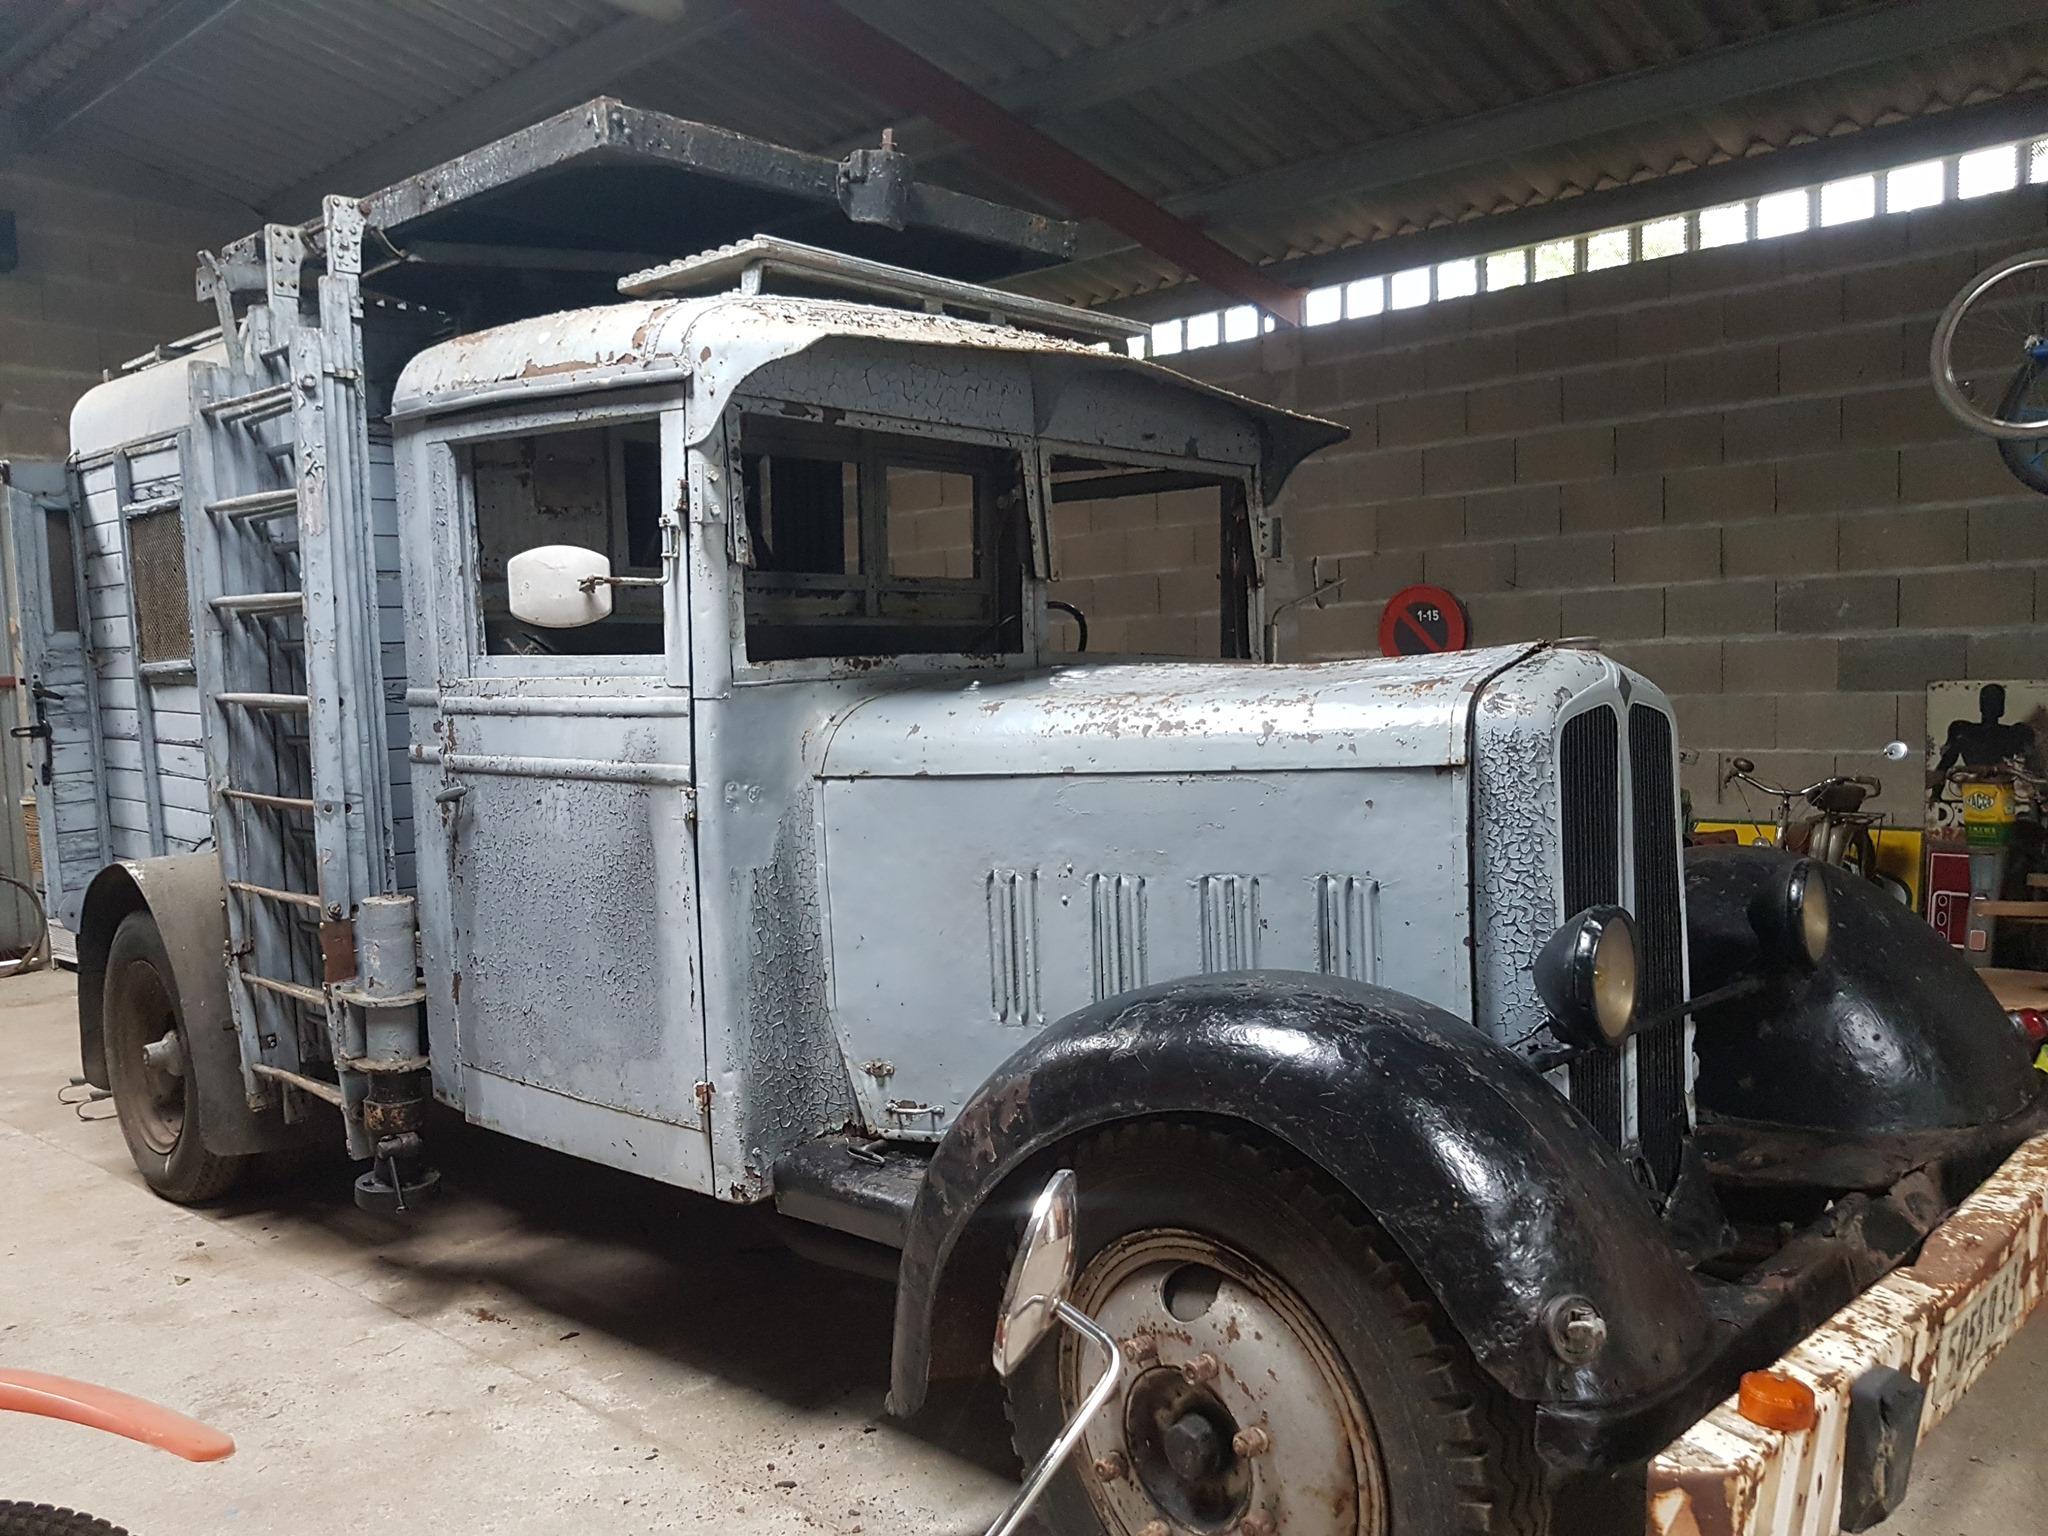 Renault--dit-model-was-speciaal-ontworpen-voor-het-onderhoud-van-de-tramcatenaires-van-Bordeaux-in-de-jaren-30--Tof-Mobeur-archive-3